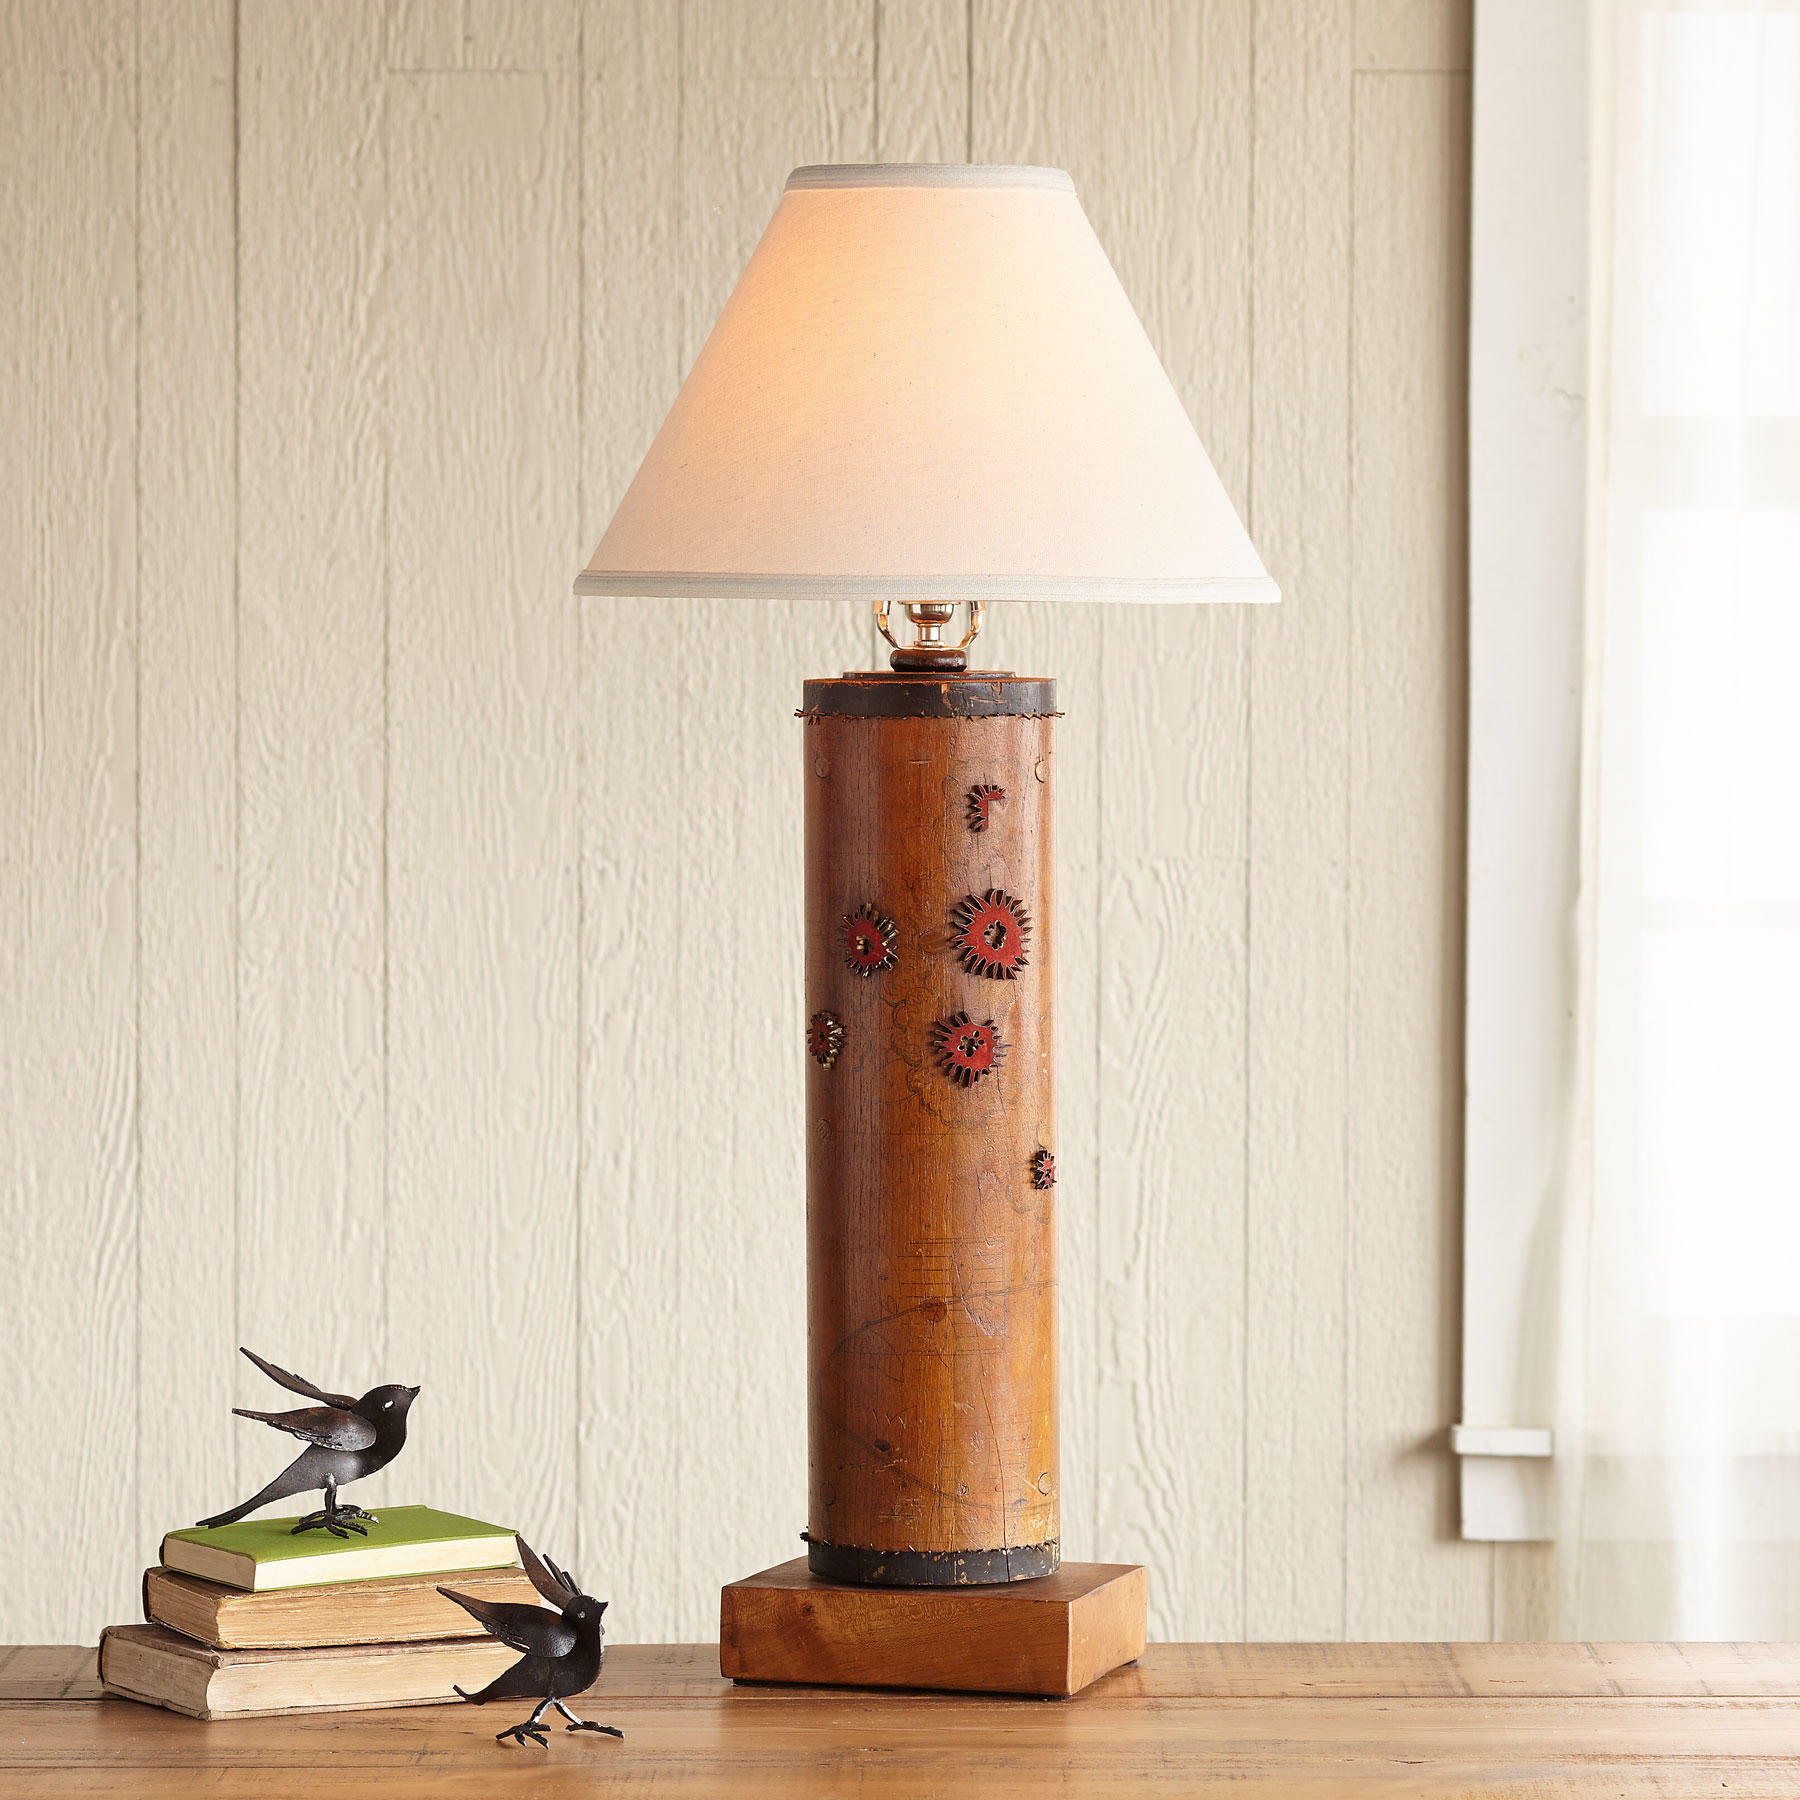 One-of-a-kind Woburn Vintage Roller Lamp